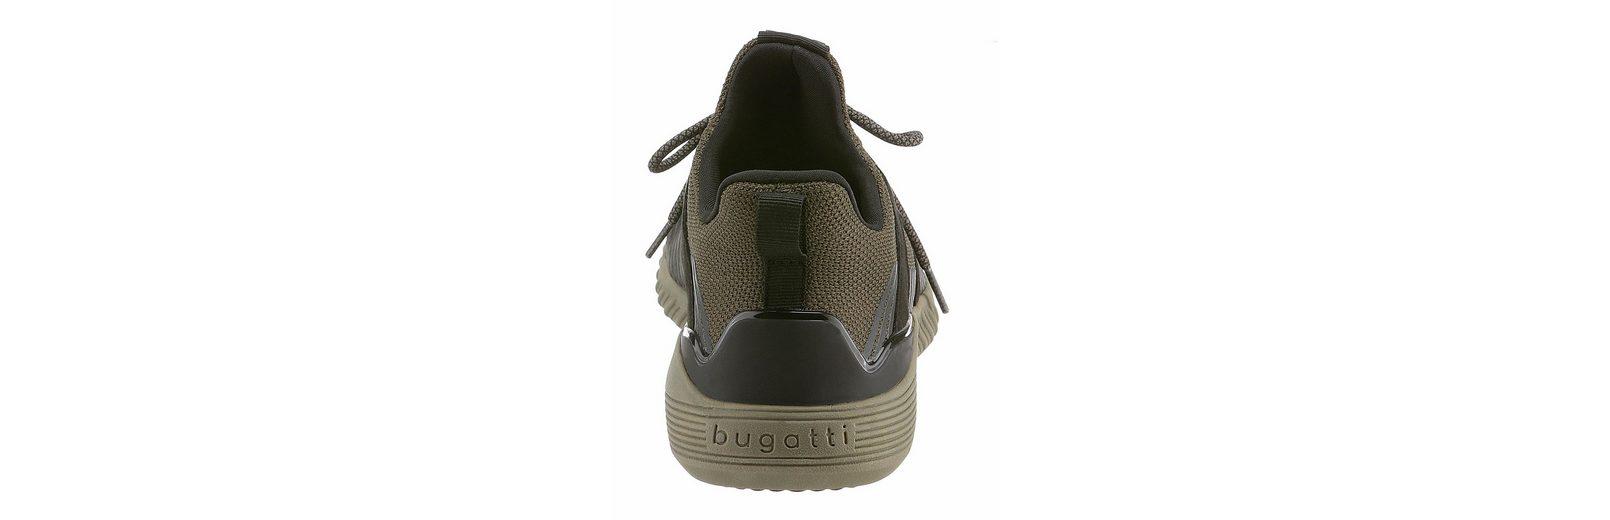 Vorbestellung Bugatti Sneaker Erhalten Zum Verkauf Kj4qNQ